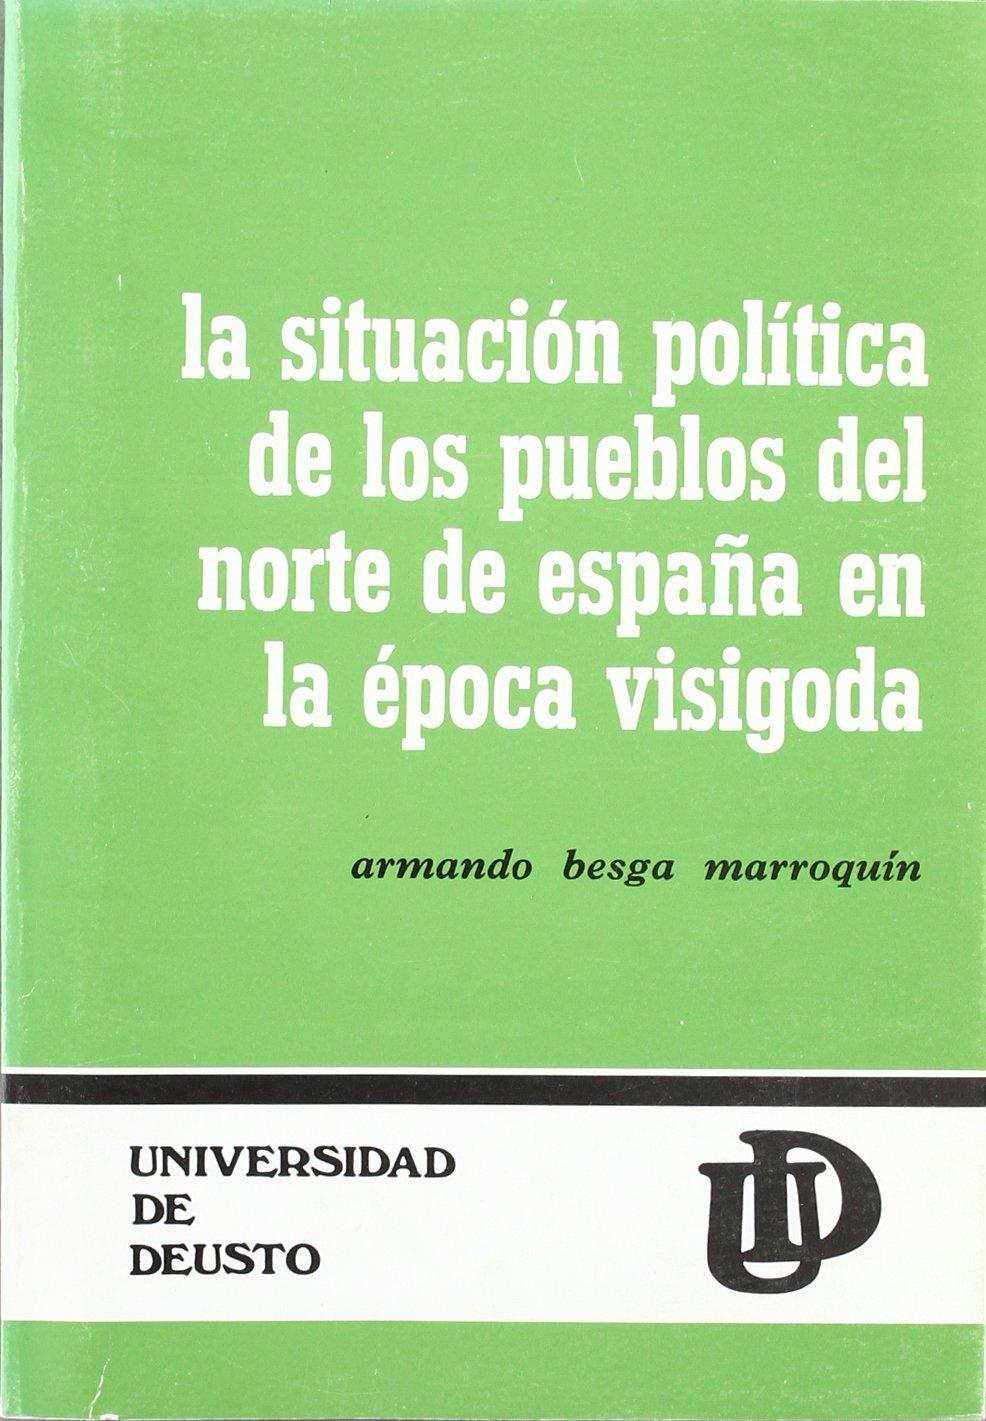 La Situación Política de los Pueblos del Norte de España en la Época Visigoda - Armando Besga Marroquín Arqueología: Amazon.es: Marcos Muñoz, José L: Libros